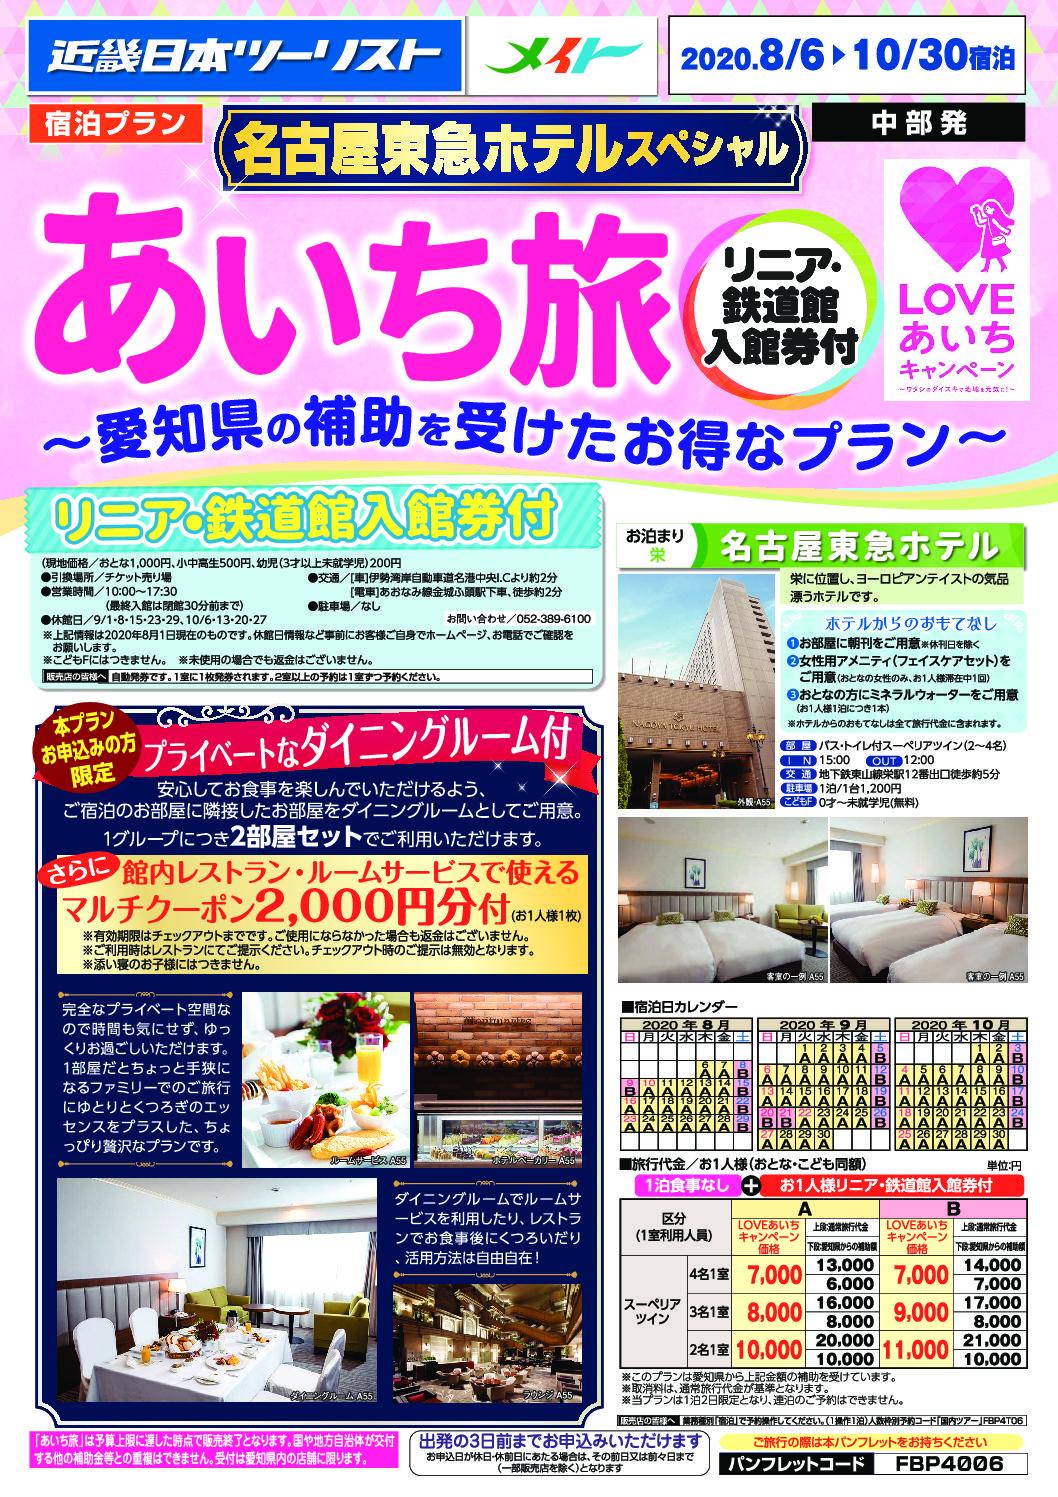 あいち旅~名古屋東急ホテル【LOVEあいちキャンペーン】